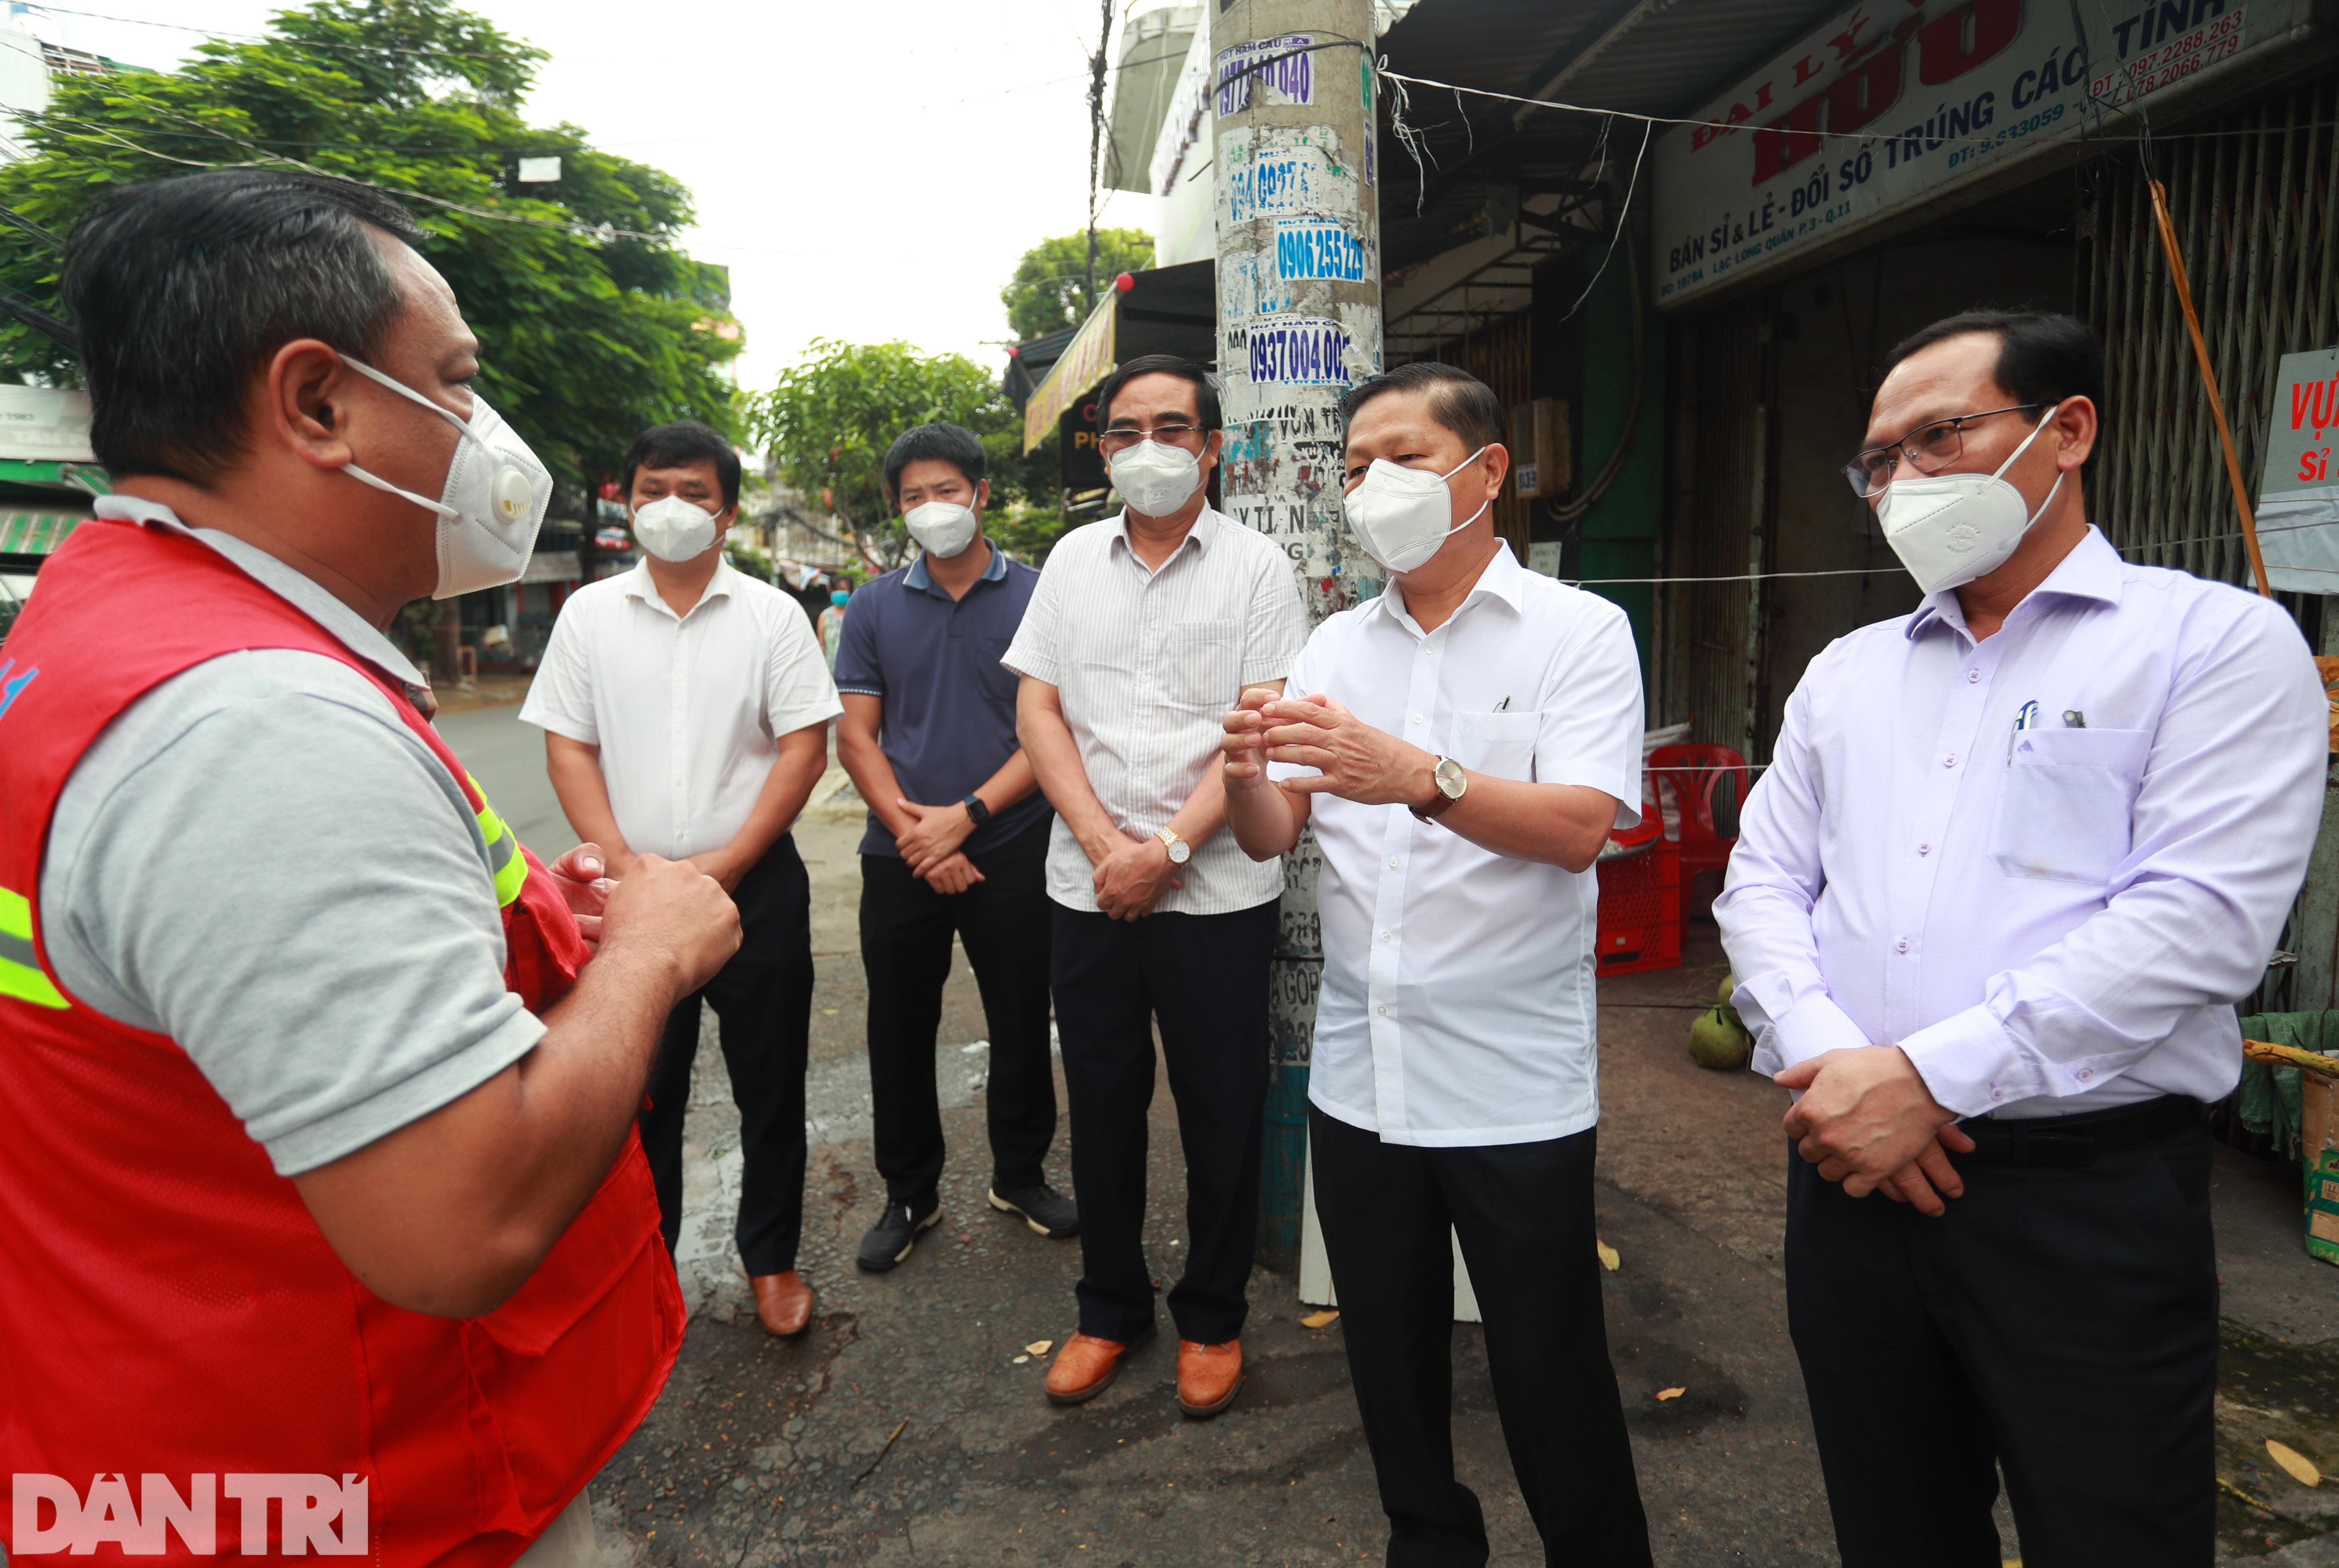 Thứ trưởng Bộ LĐ-TBXH thị sát đời sống người dân tại TPHCM - 5